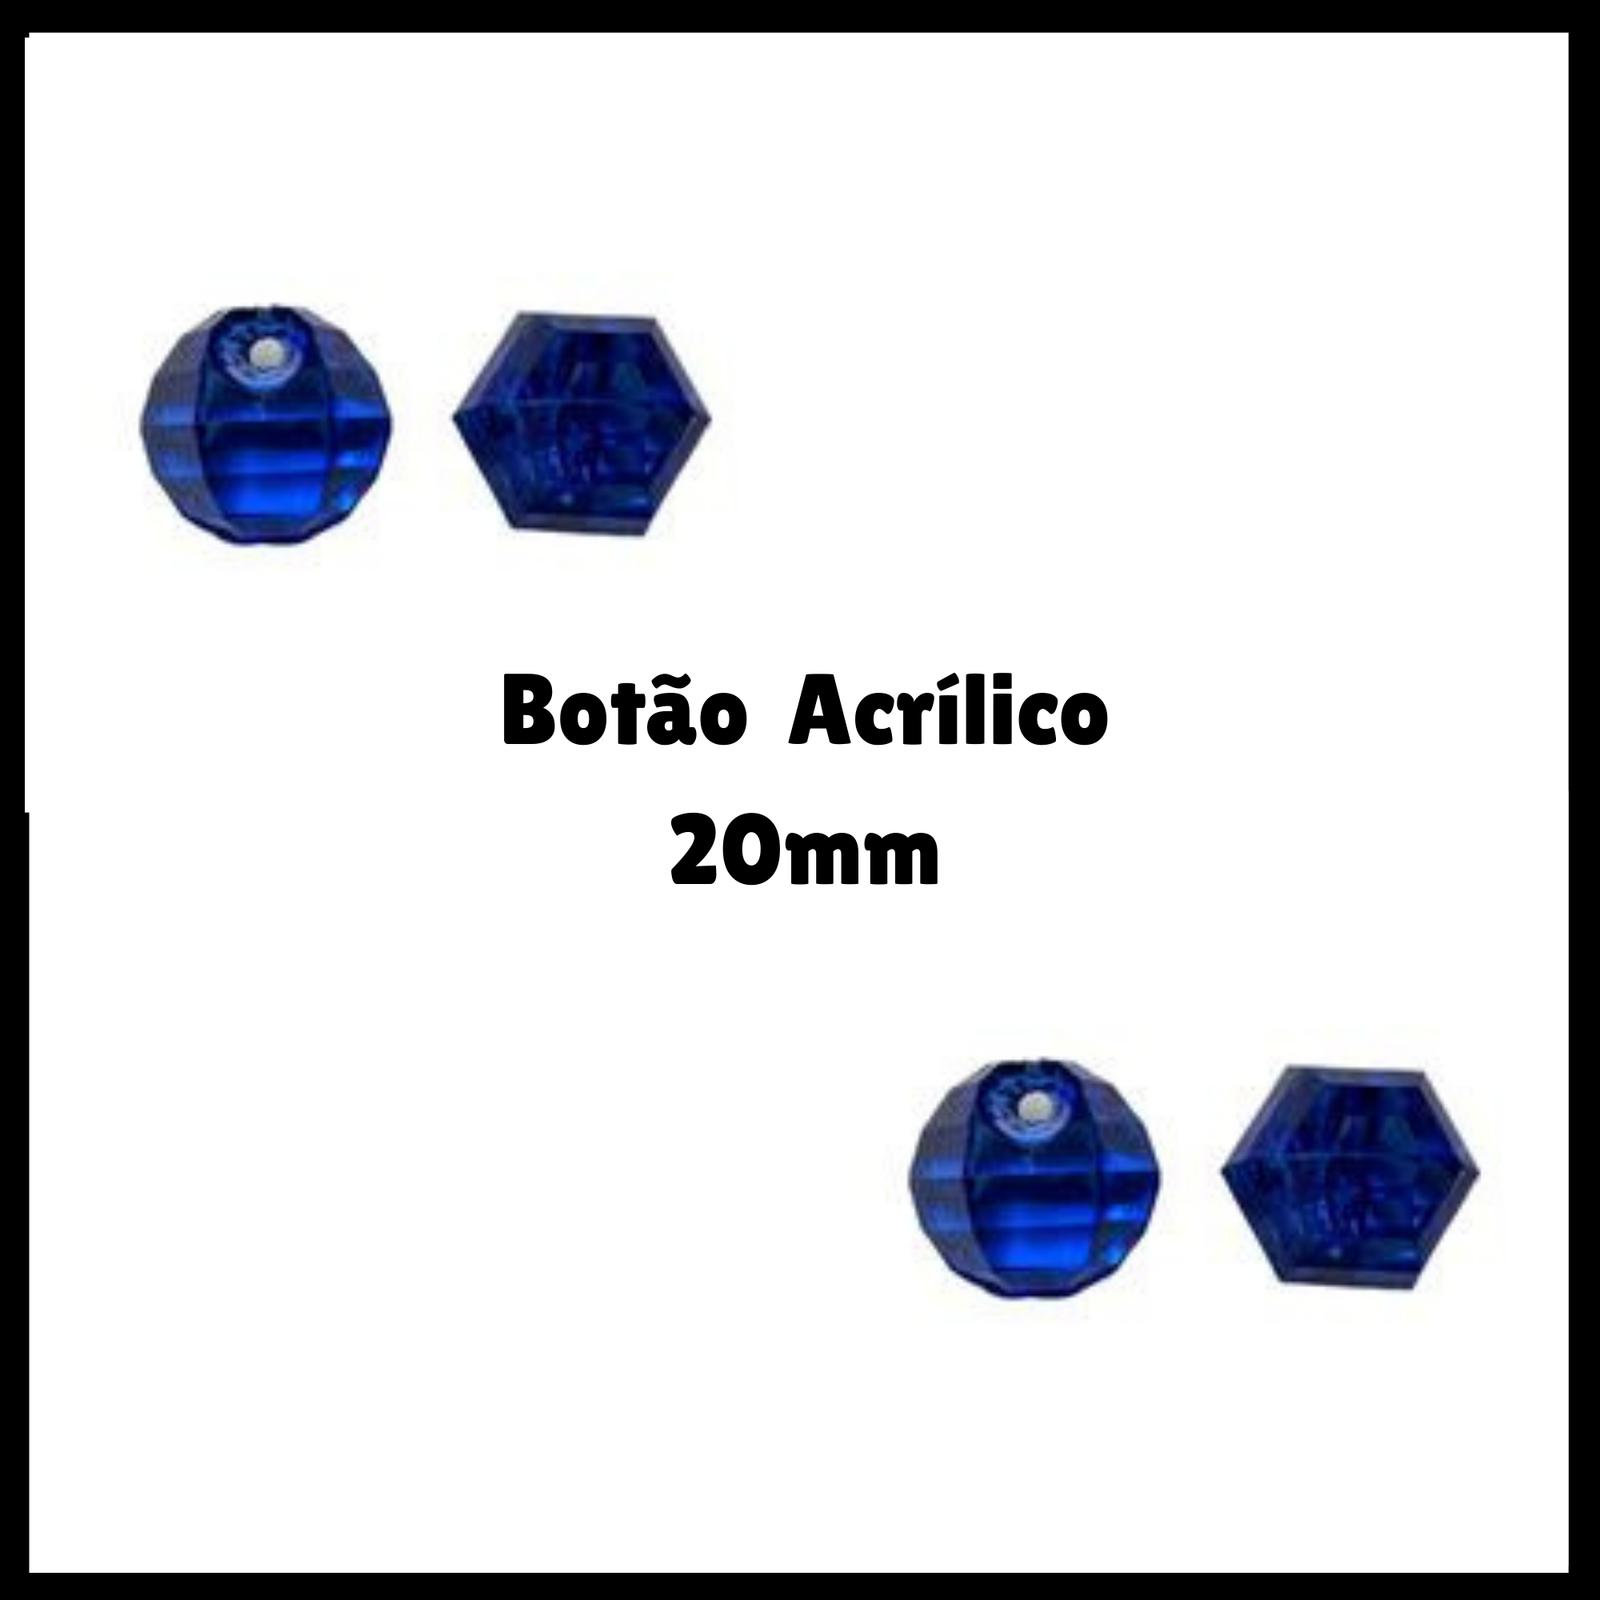 Conta Botão Acrílico 20mm - 500g